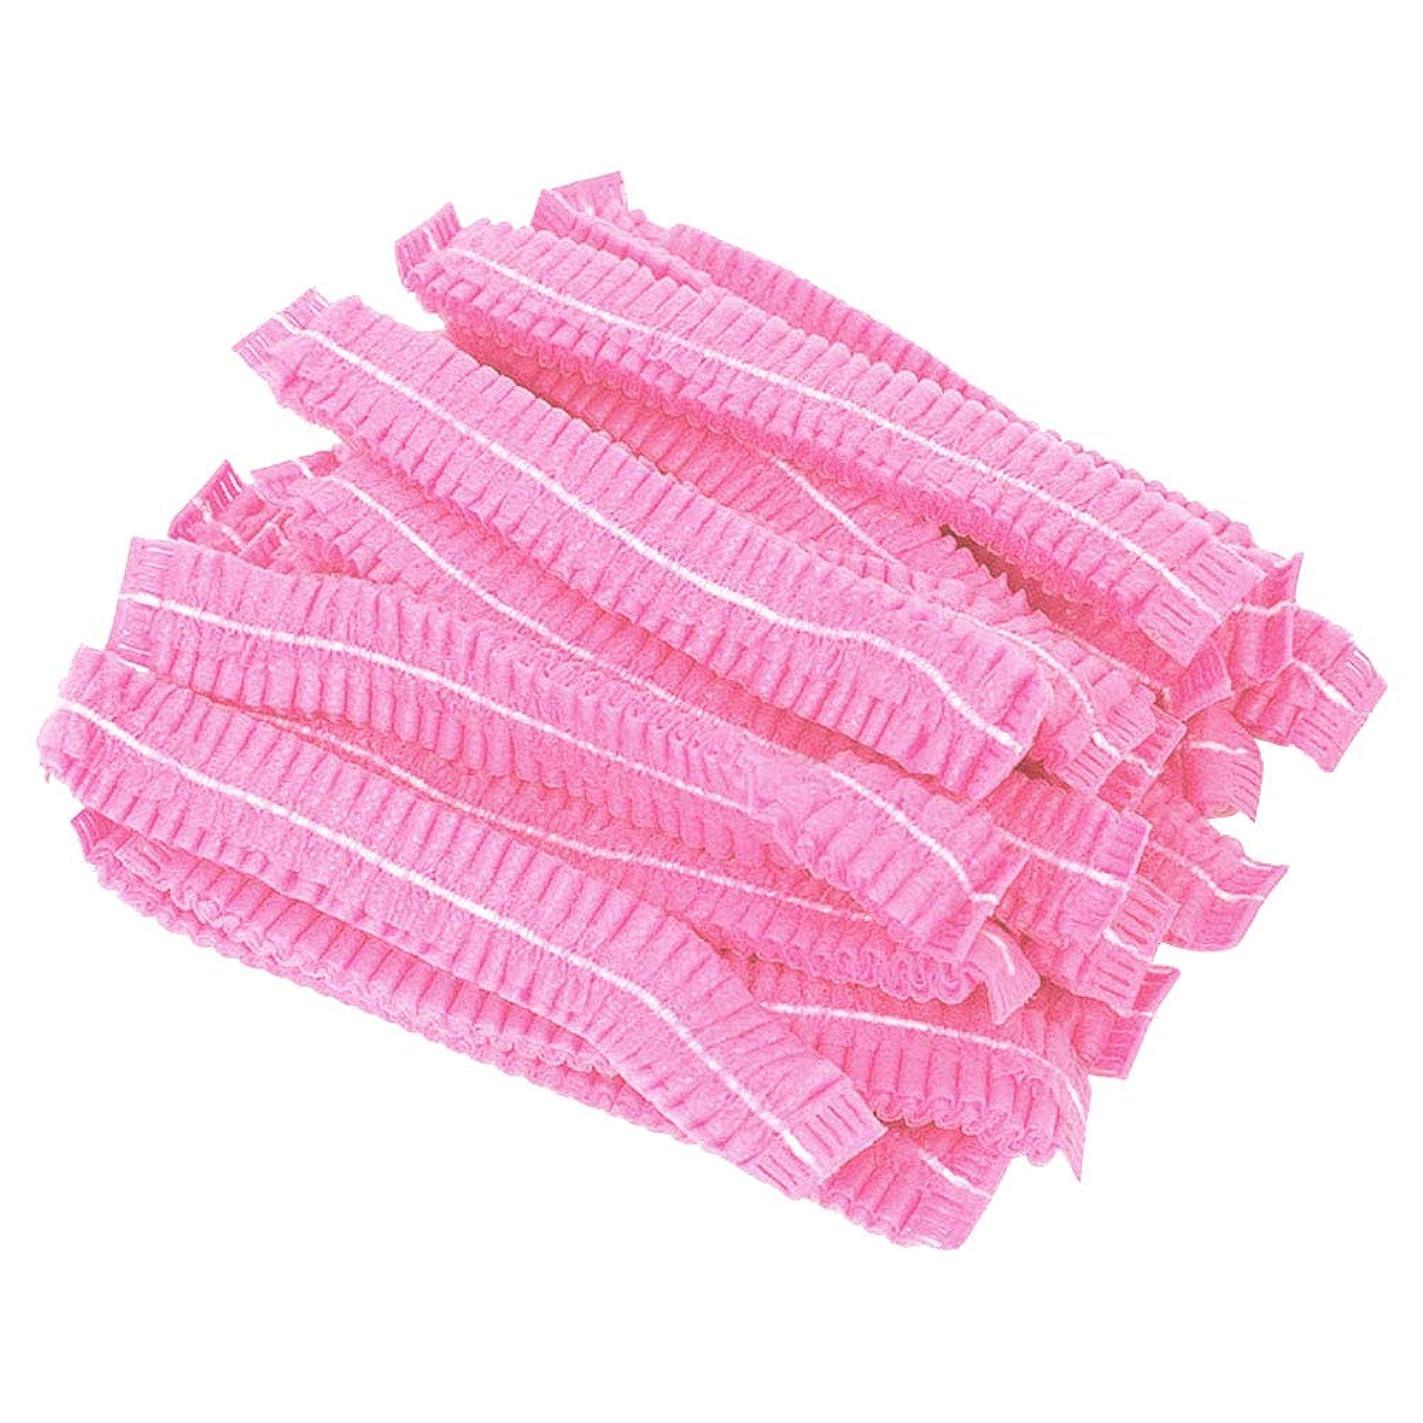 失うラビリンスアラビア語SUPVOX 100ピース使い捨てふわふわキャップ不織布手術用キャップヘアヘッドカバーネット医療サービス食品ベーキングメイク(ピンク)